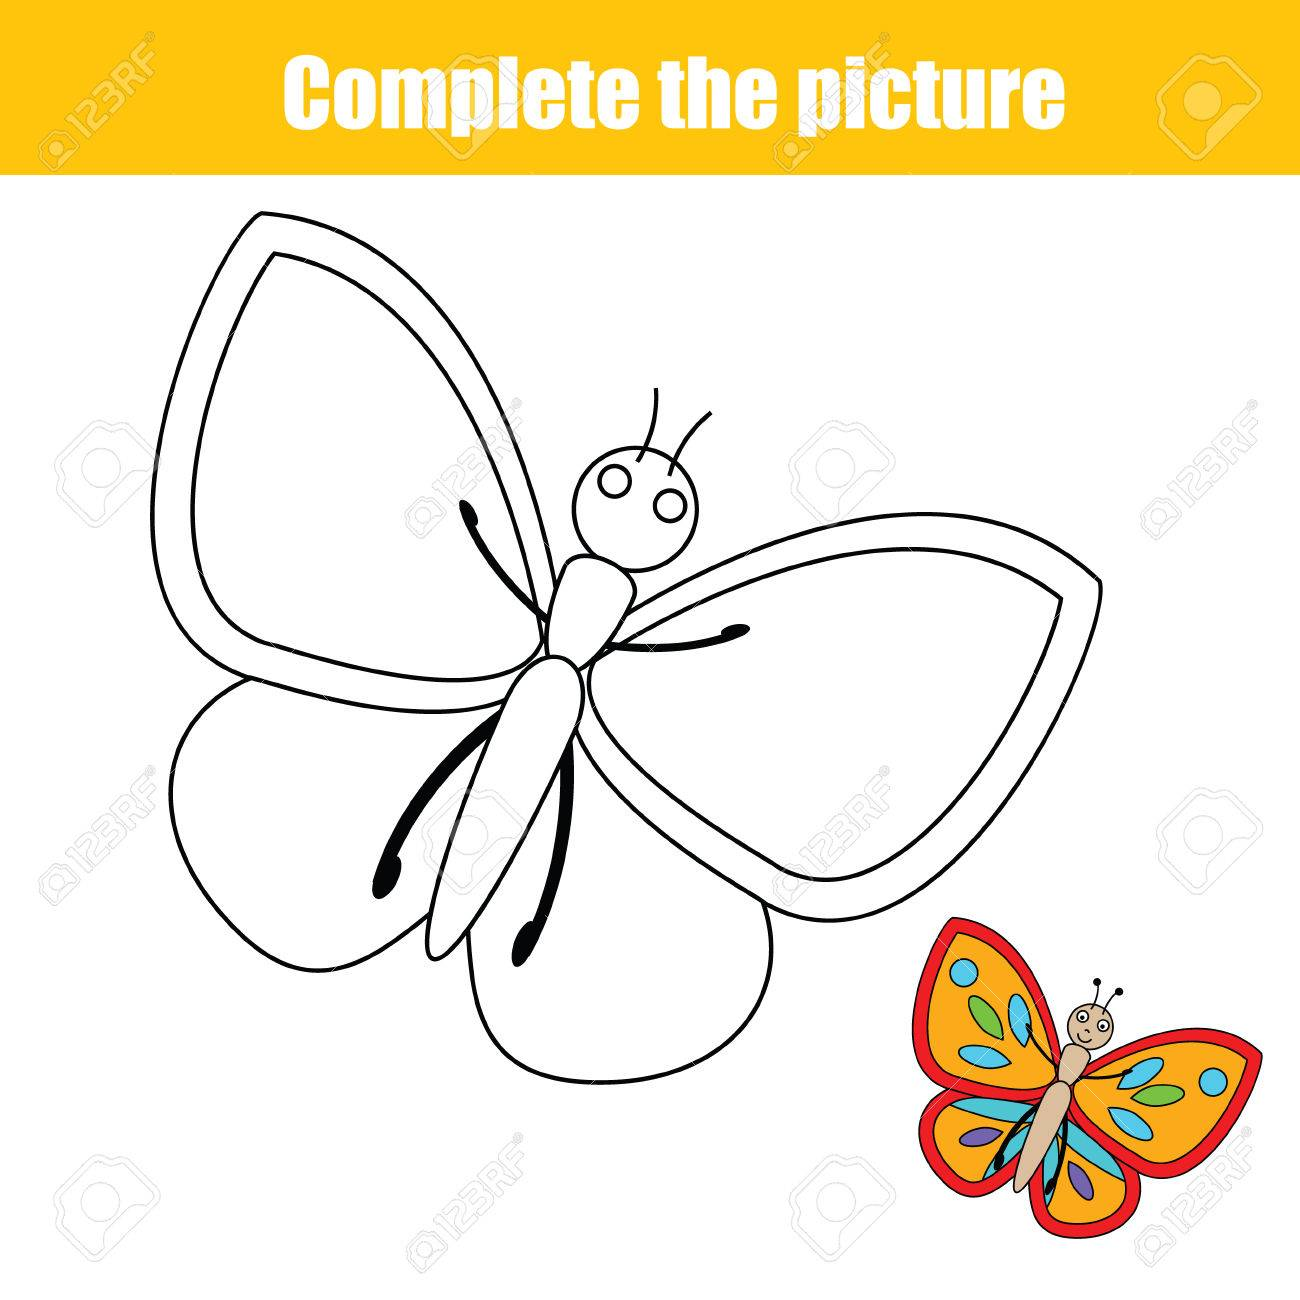 Remplissez Le Enfants D Image Educative Jeu De Dessin Animaux Theme Coloriage Pour Les Enfants Vector Illustration Imprimable